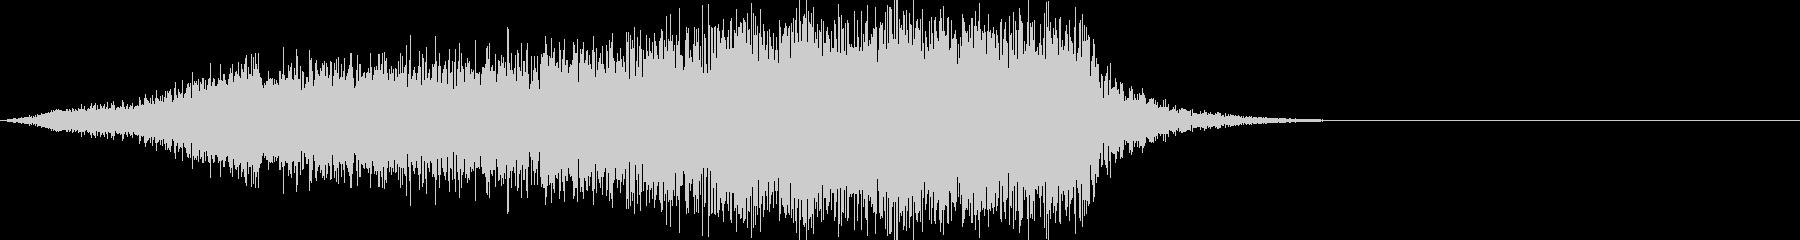 ホラー 近く 接近 恐怖 金属音 17の未再生の波形